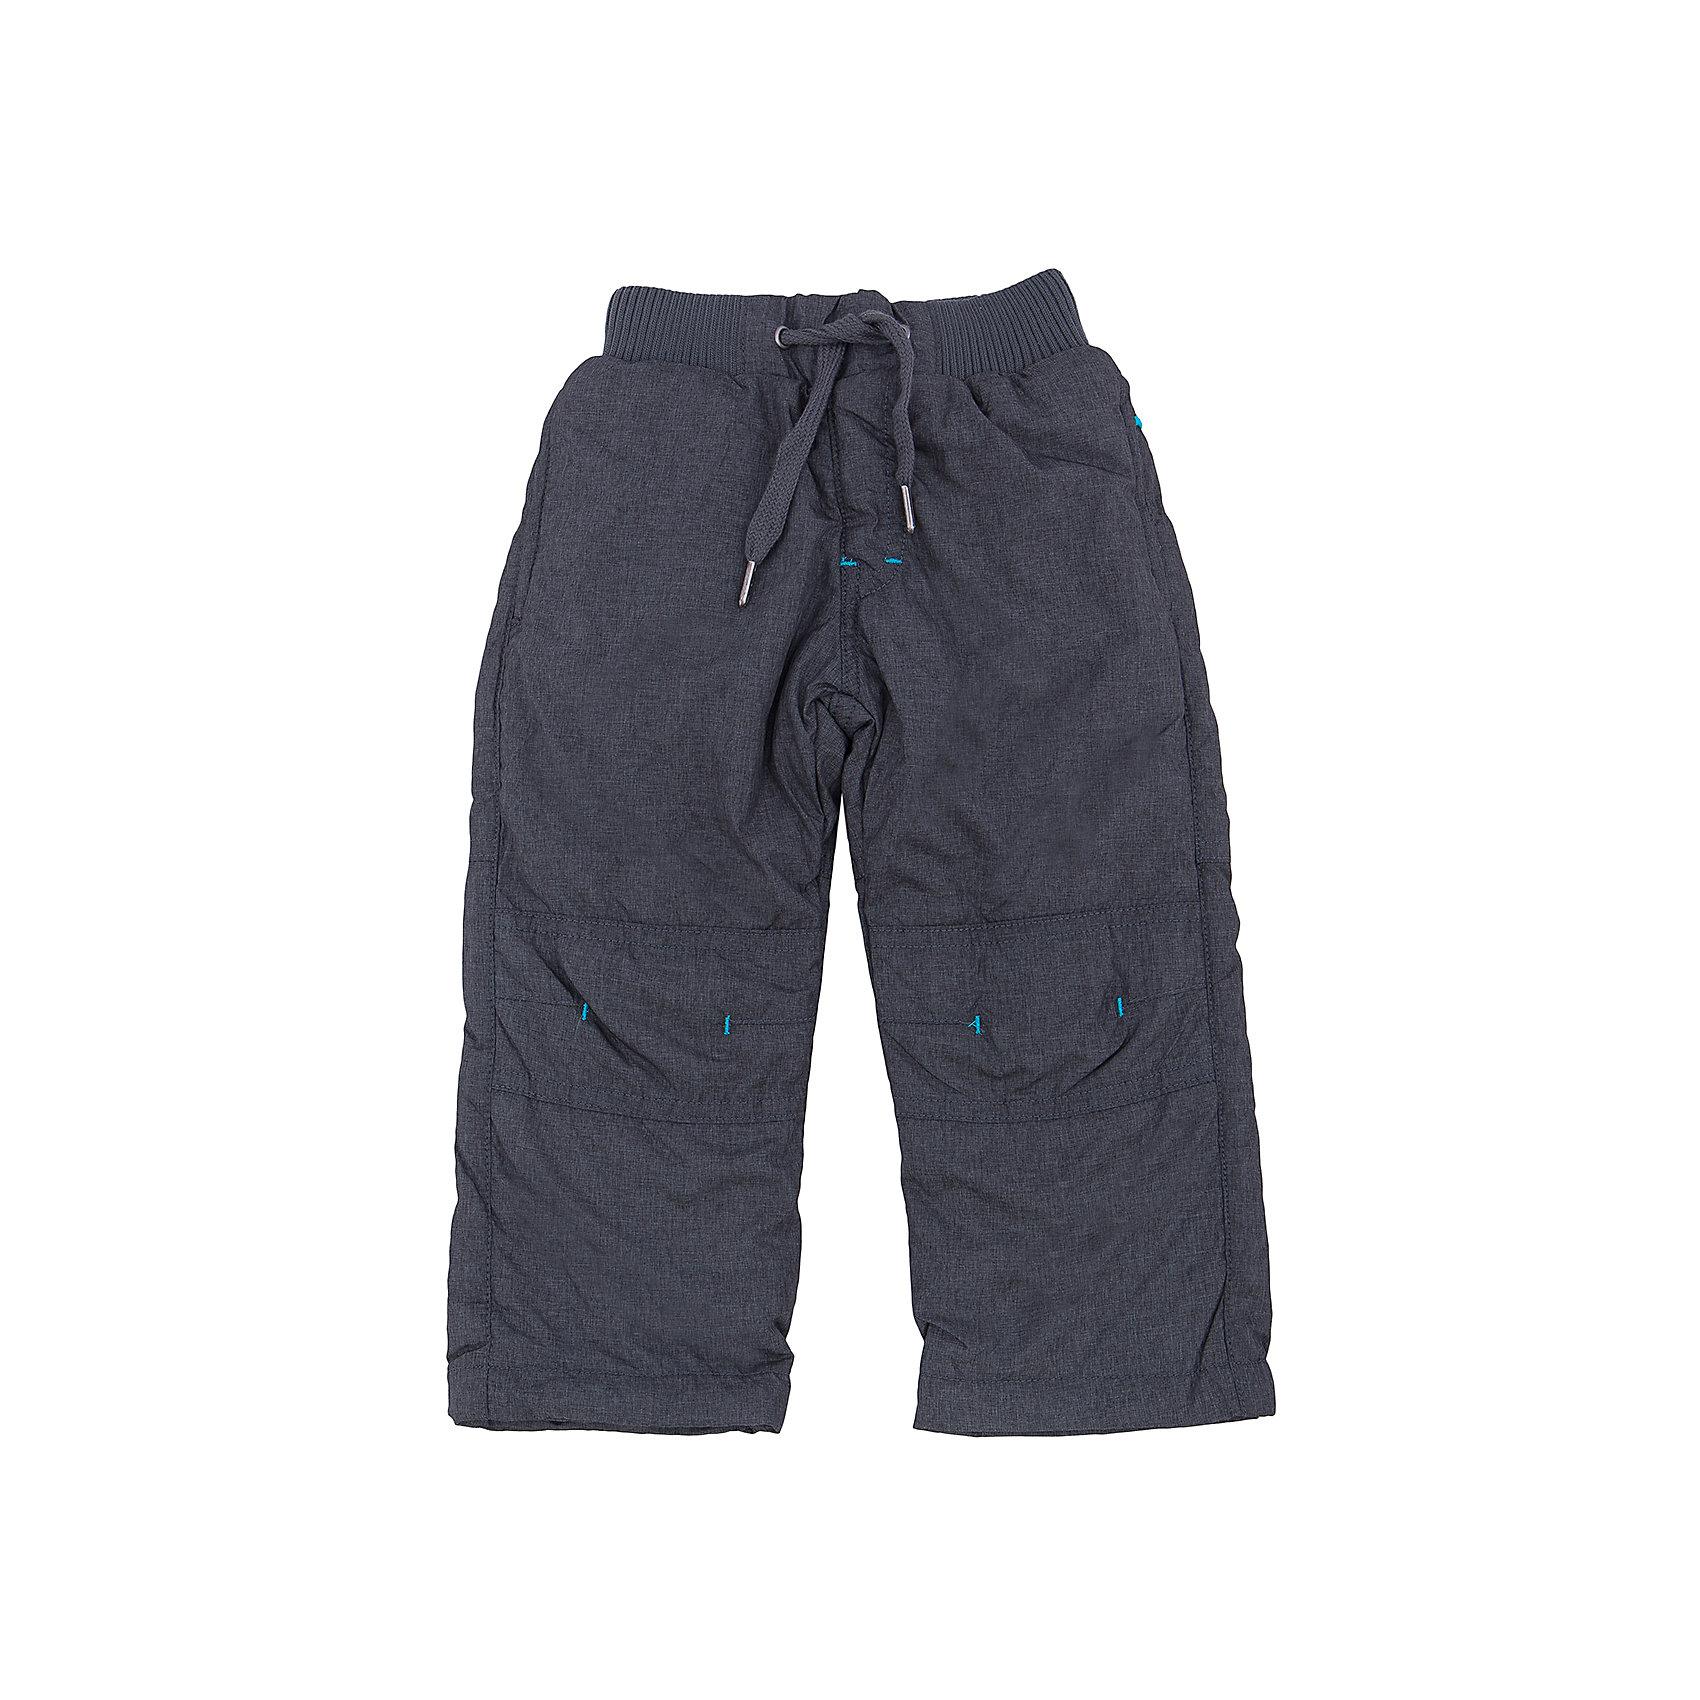 Брюки для мальчика Sweet BerryВерхняя одежда<br>Утепленные брюки для мальчиков торговой марки Sweet Berry, непромокаемые, можно носить в межсезонье с поясом на удобной резинке. Брюки прекрасно подойдут под другую одежду одноименной марки. Изделие изготовлено из материалов отличного качества приятного темно-серого оттенка. Прекрасные брюки будут хорошим вариантом для гардероба Вашего ребенка. <br> Дополнительная информация:<br><br>- комплектация: брюки<br>- материал: верх: 100% полиэстер, подкладка: 100% полиэстер, наполнитель: 100% полиэстер<br>- коллекция: осень-зима 2016<br>- сезон: зима<br>- пол: для мальчиков<br>- возраст: детский<br>- цвет: темно-серый<br>- размер упаковки (дхшхв), 28 * 20 * 4 см<br>- вес в упаковке, 135 г<br><br>Брюки для мальчика торговой марки Sweet Berry можно купить в нашем интернет-магазине<br><br>Ширина мм: 215<br>Глубина мм: 88<br>Высота мм: 191<br>Вес г: 336<br>Цвет: серый<br>Возраст от месяцев: 12<br>Возраст до месяцев: 15<br>Пол: Мужской<br>Возраст: Детский<br>Размер: 80,86,92,98<br>SKU: 4929802